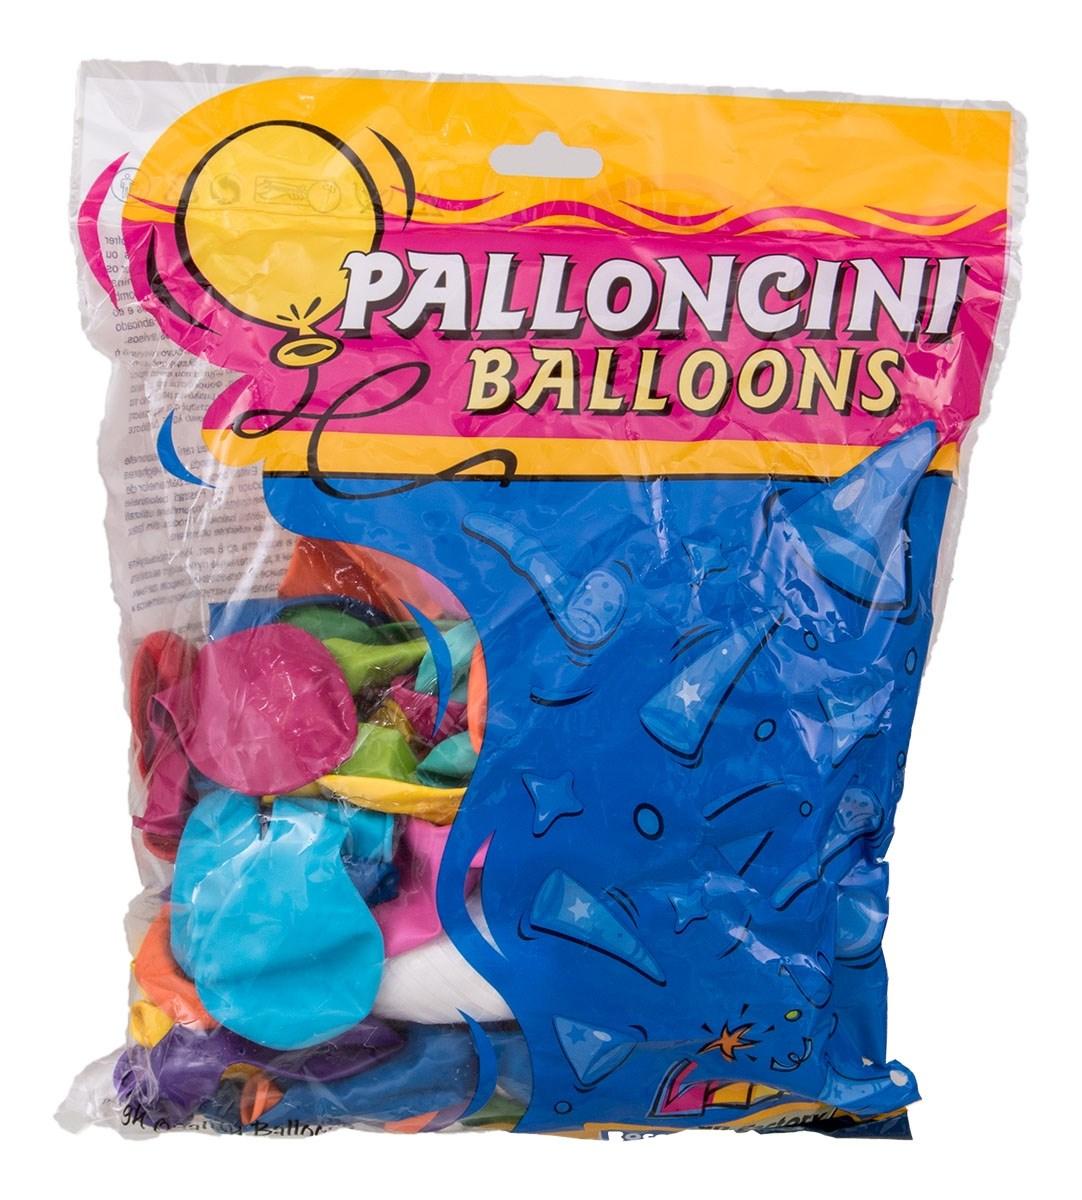 Luftballons Ballon 100 Stück Eiknäuel Helium Ballongas Luftballon Folienballons